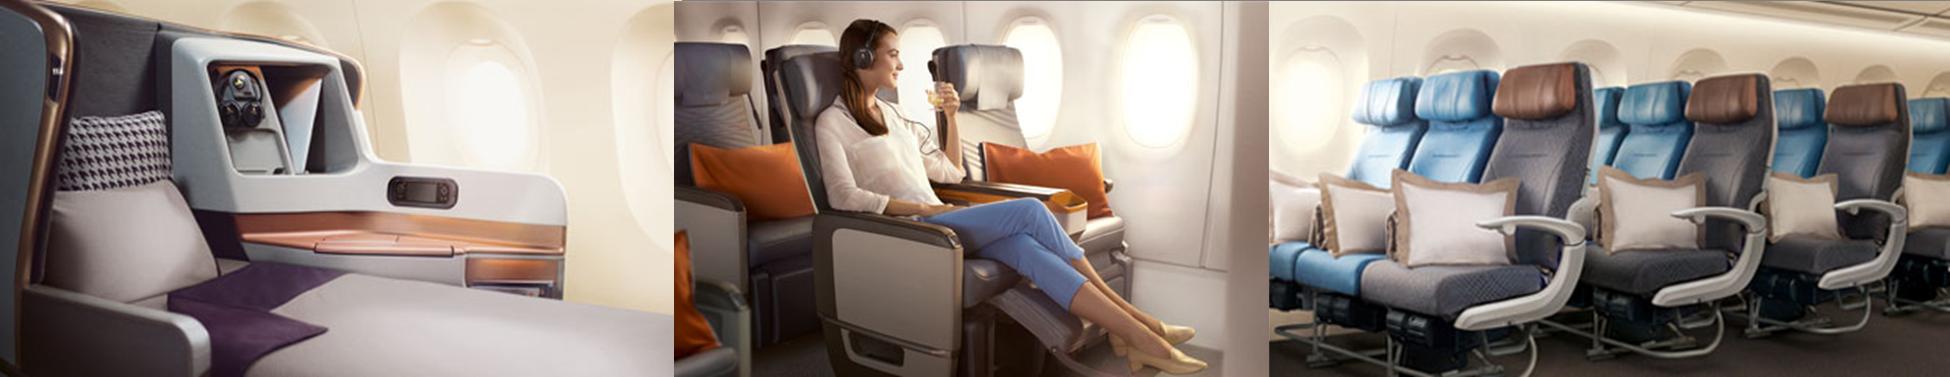 Határtalan élmény a repülésben - Airbus 350-900